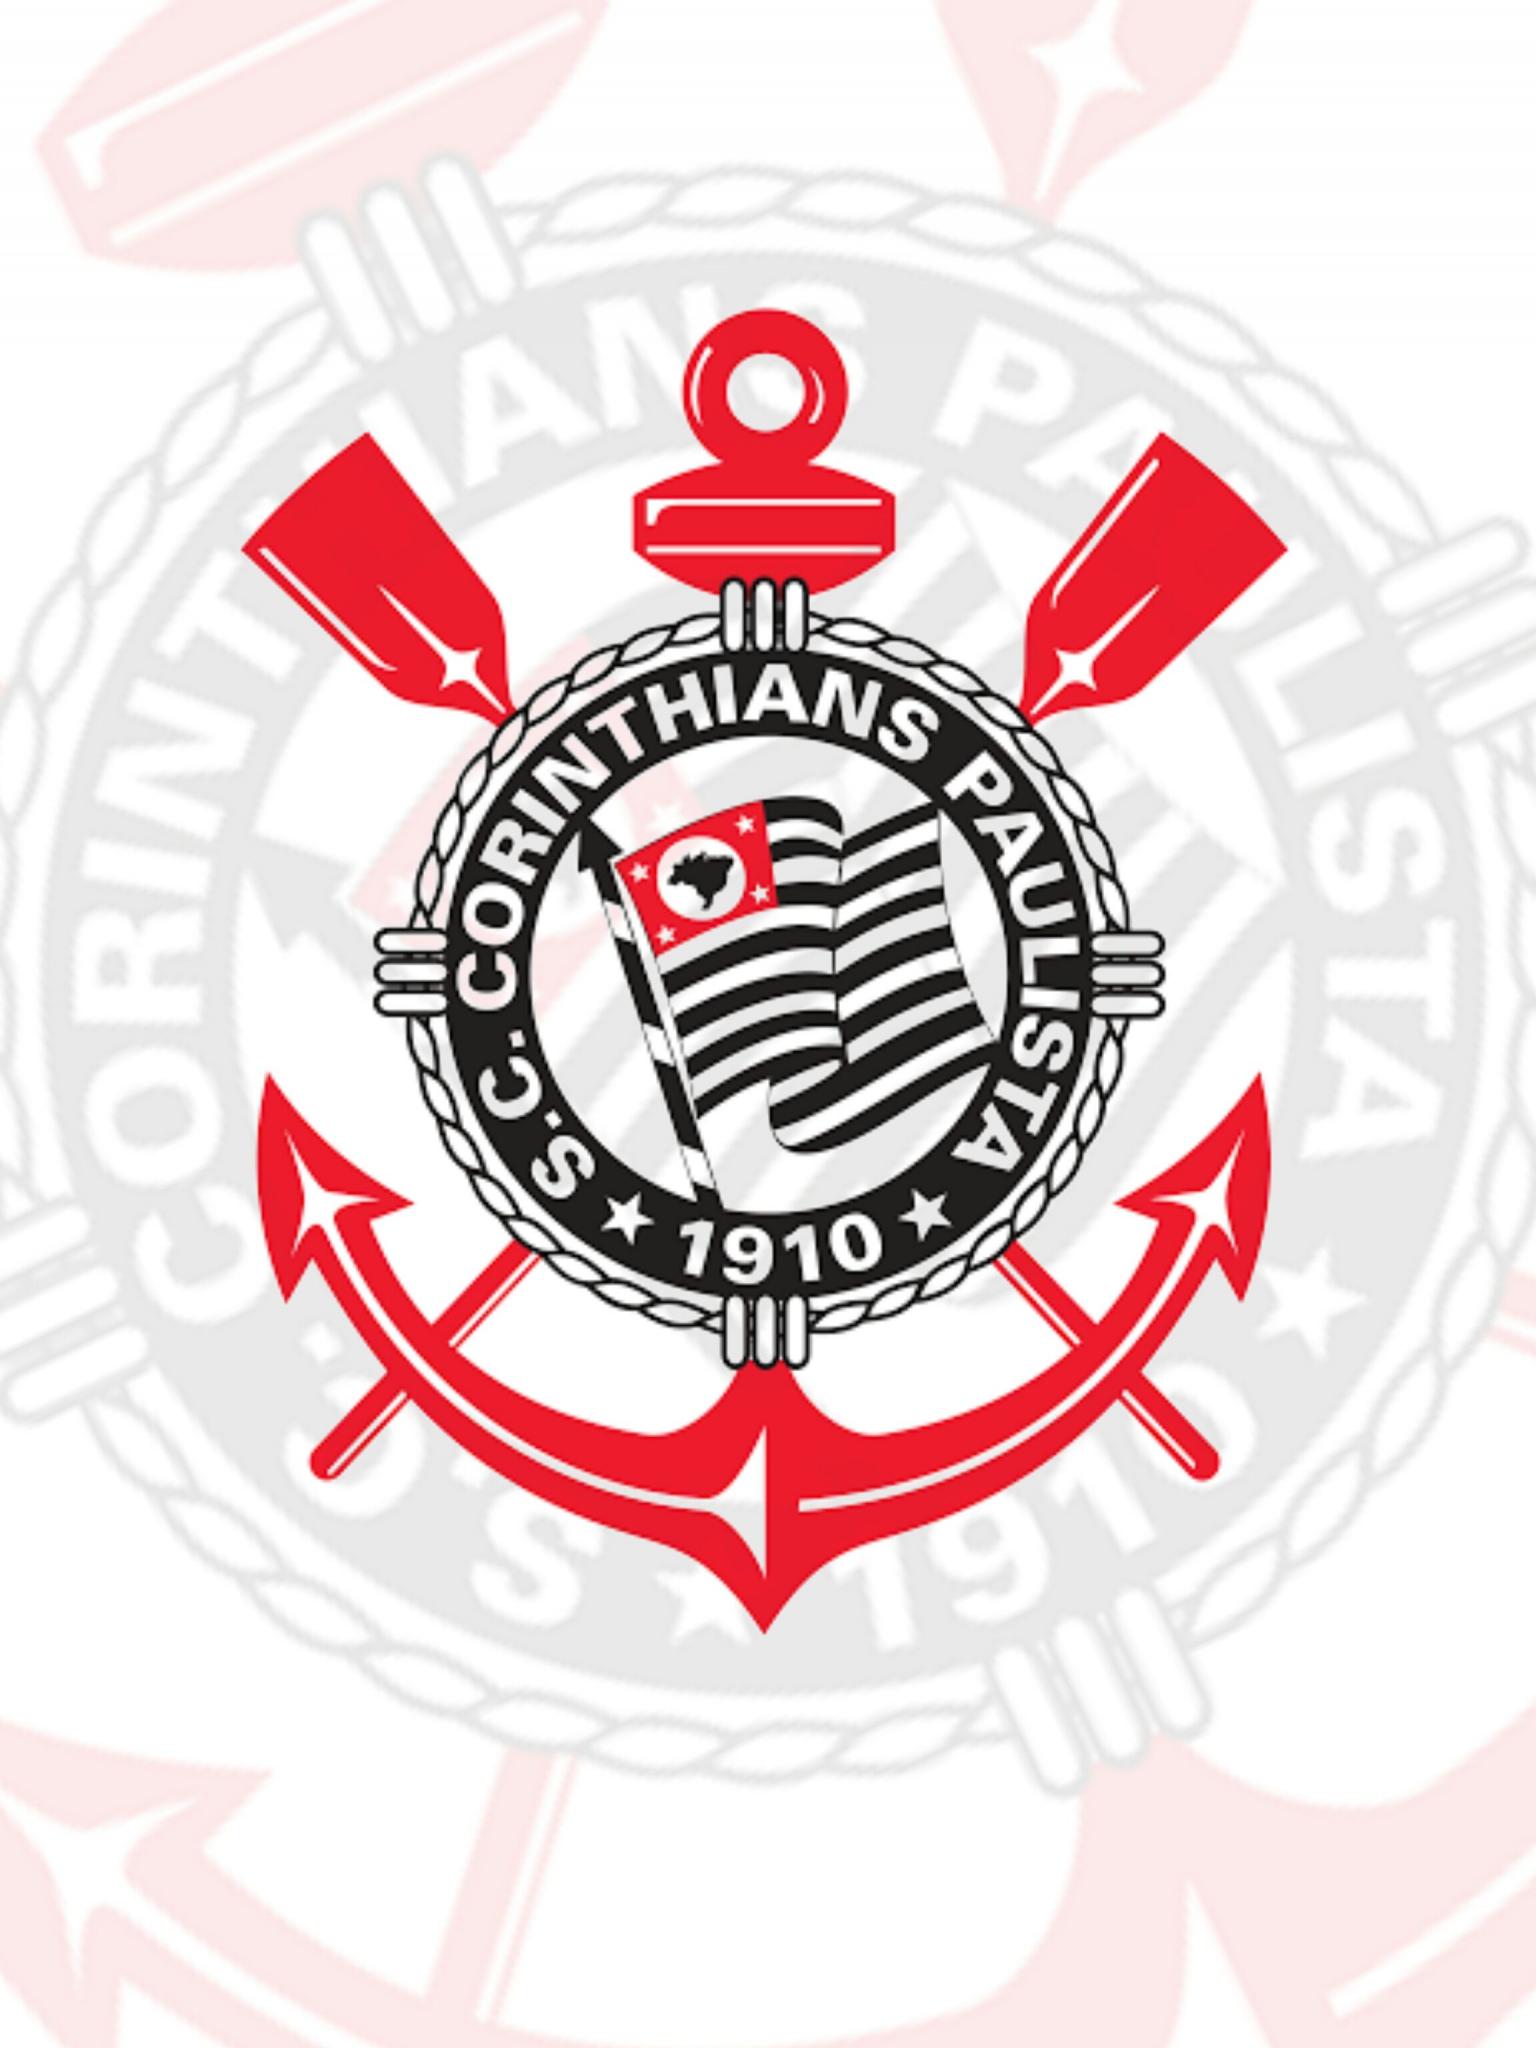 Free download Wallpaper para celular papel de parede Corinthians ...